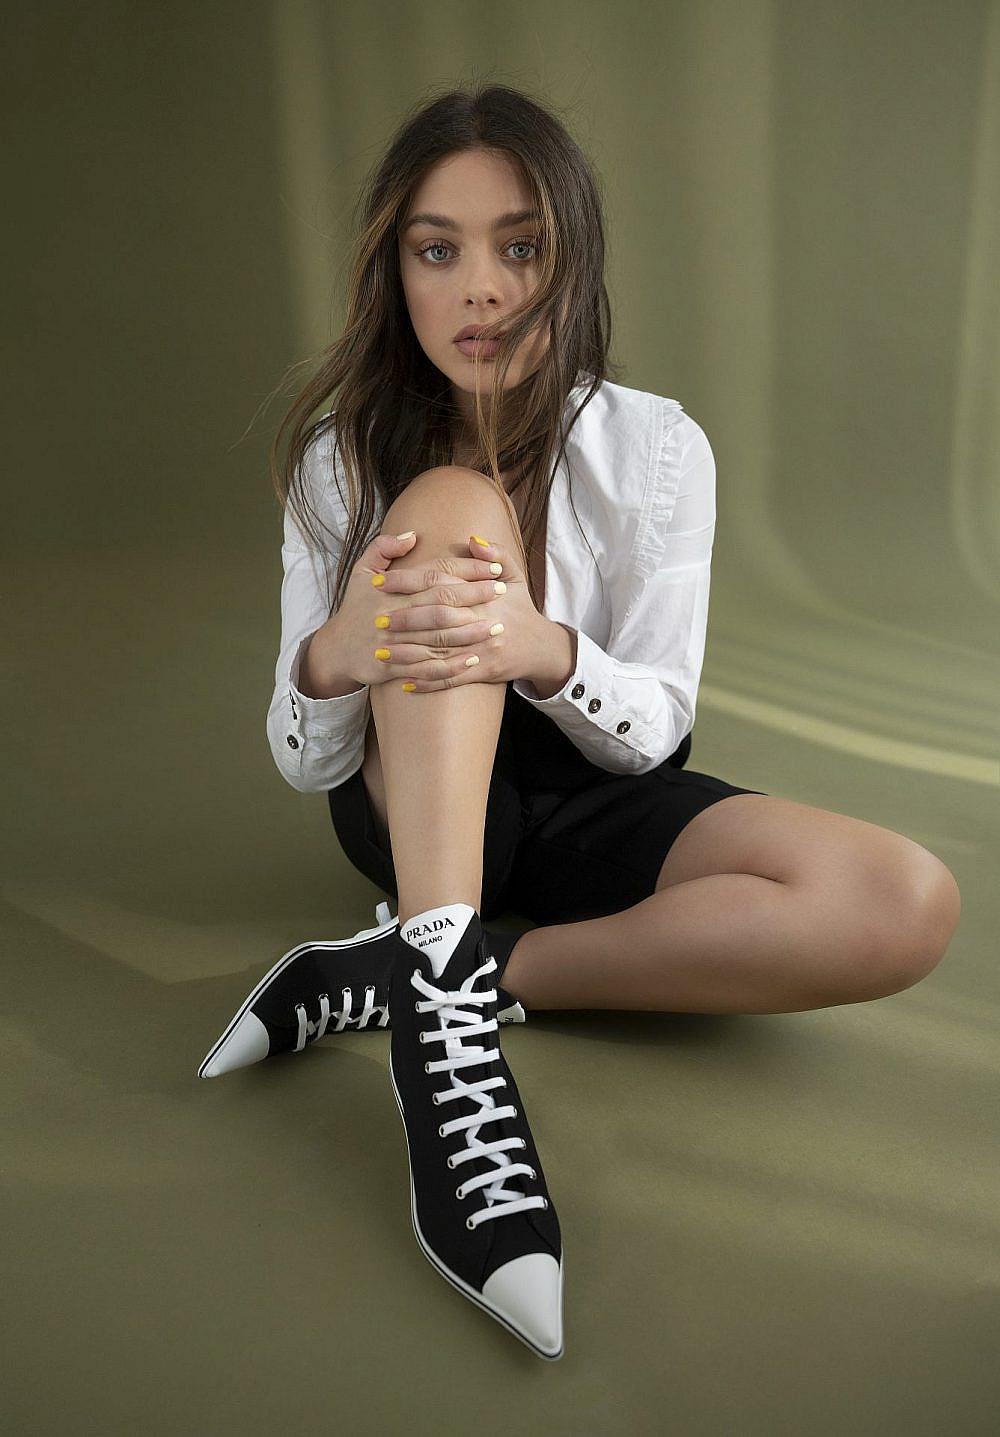 """""""גם קוונטין טרנטינו עובד מכאן, לא?""""   צילום: שי יחזקאל, חולצה ומכנסיים: בוטיק ורנר, נעליים: הלגה עיצובים"""